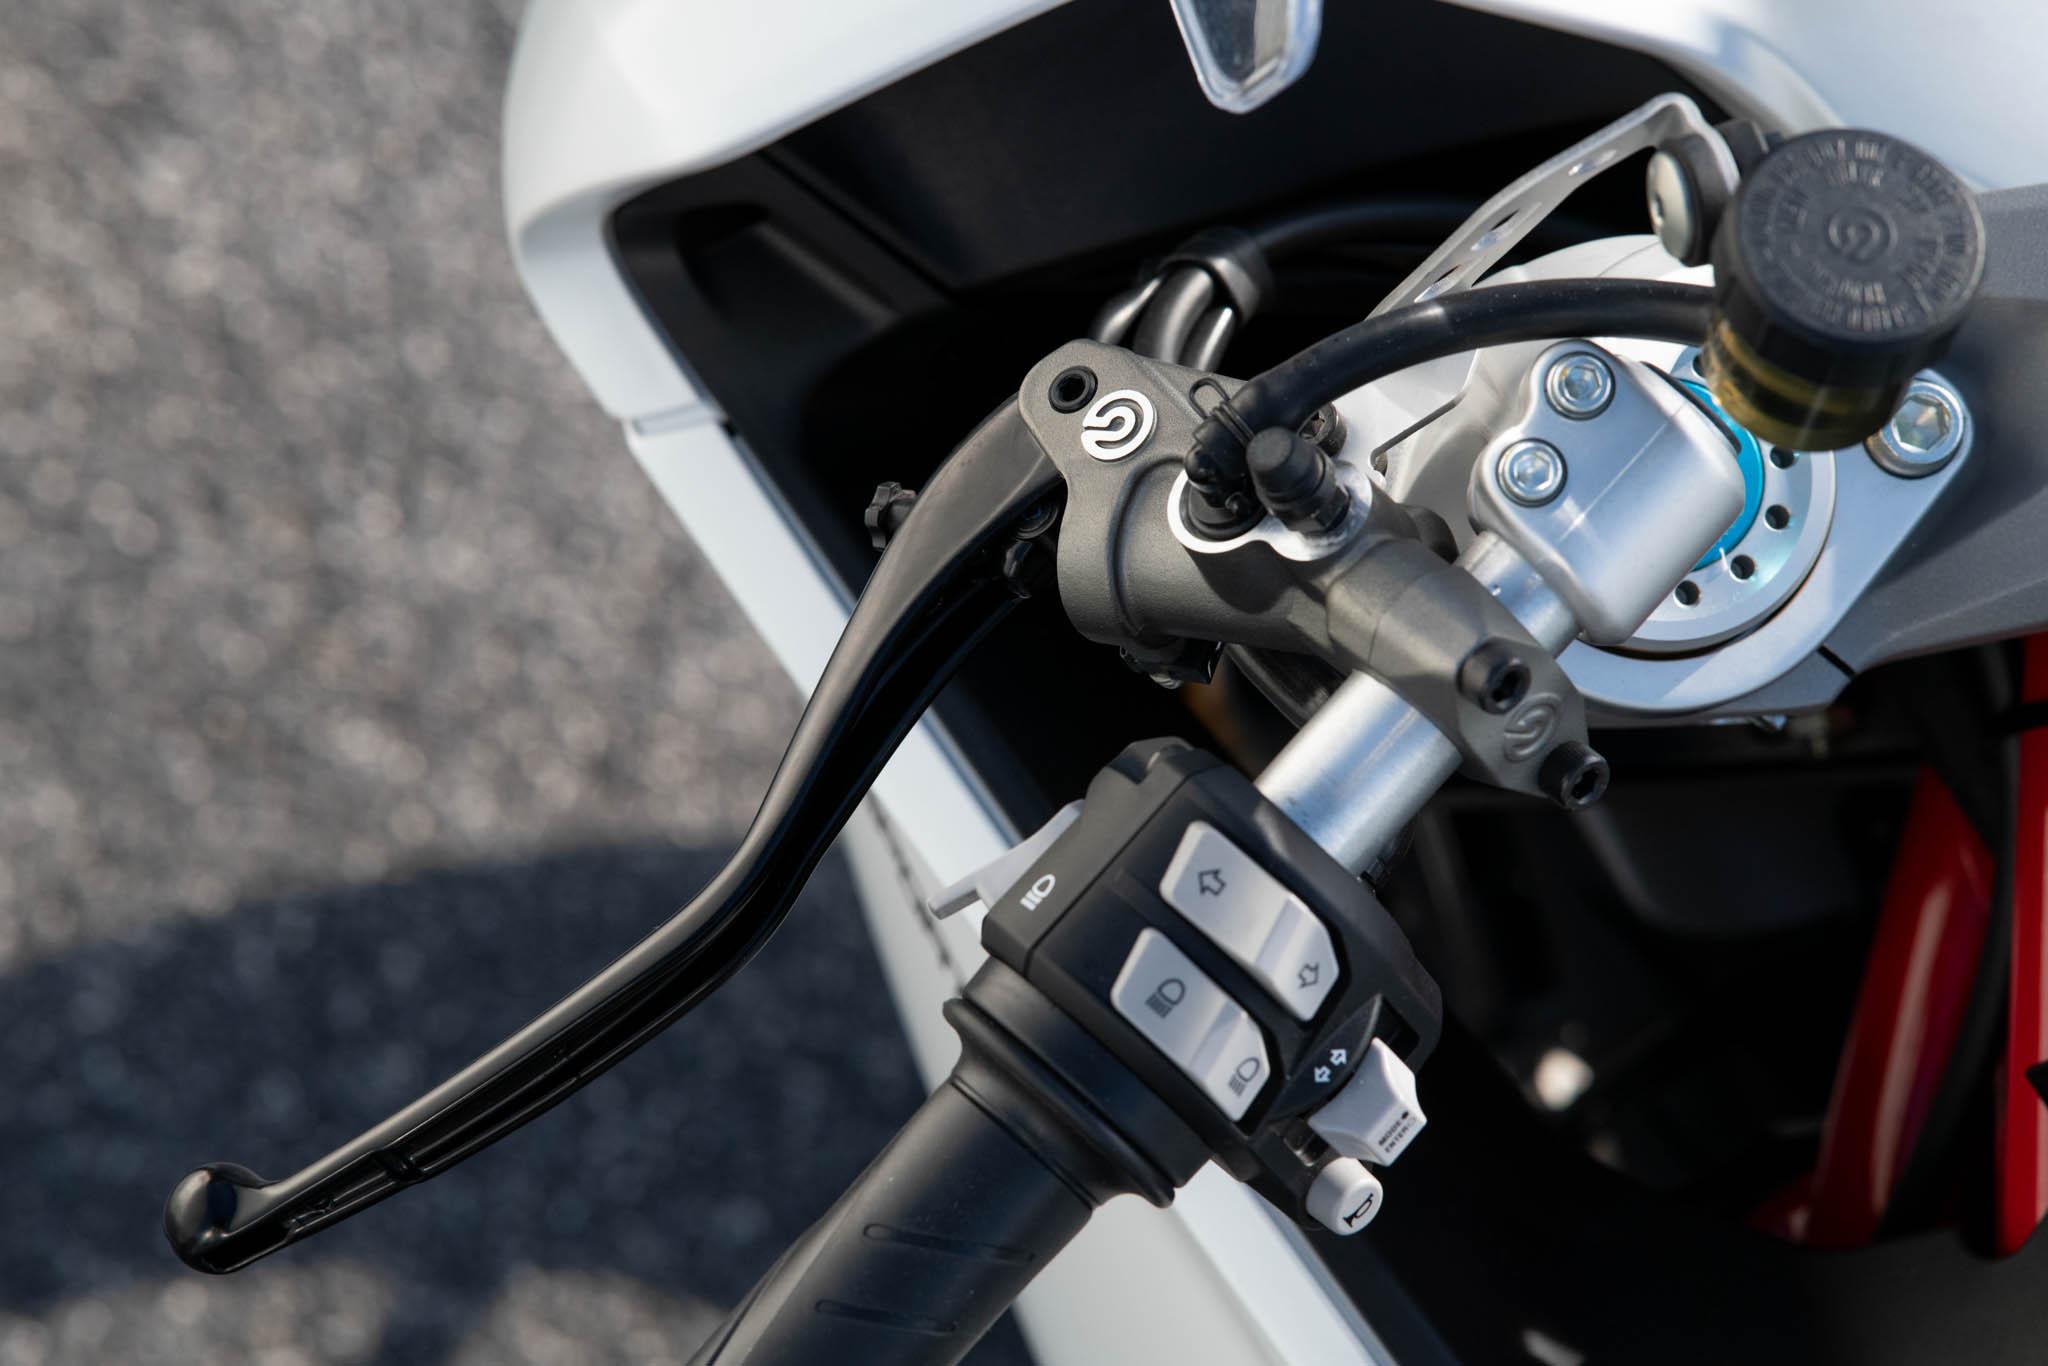 Ducati_SuperSport_950_2021_details-4